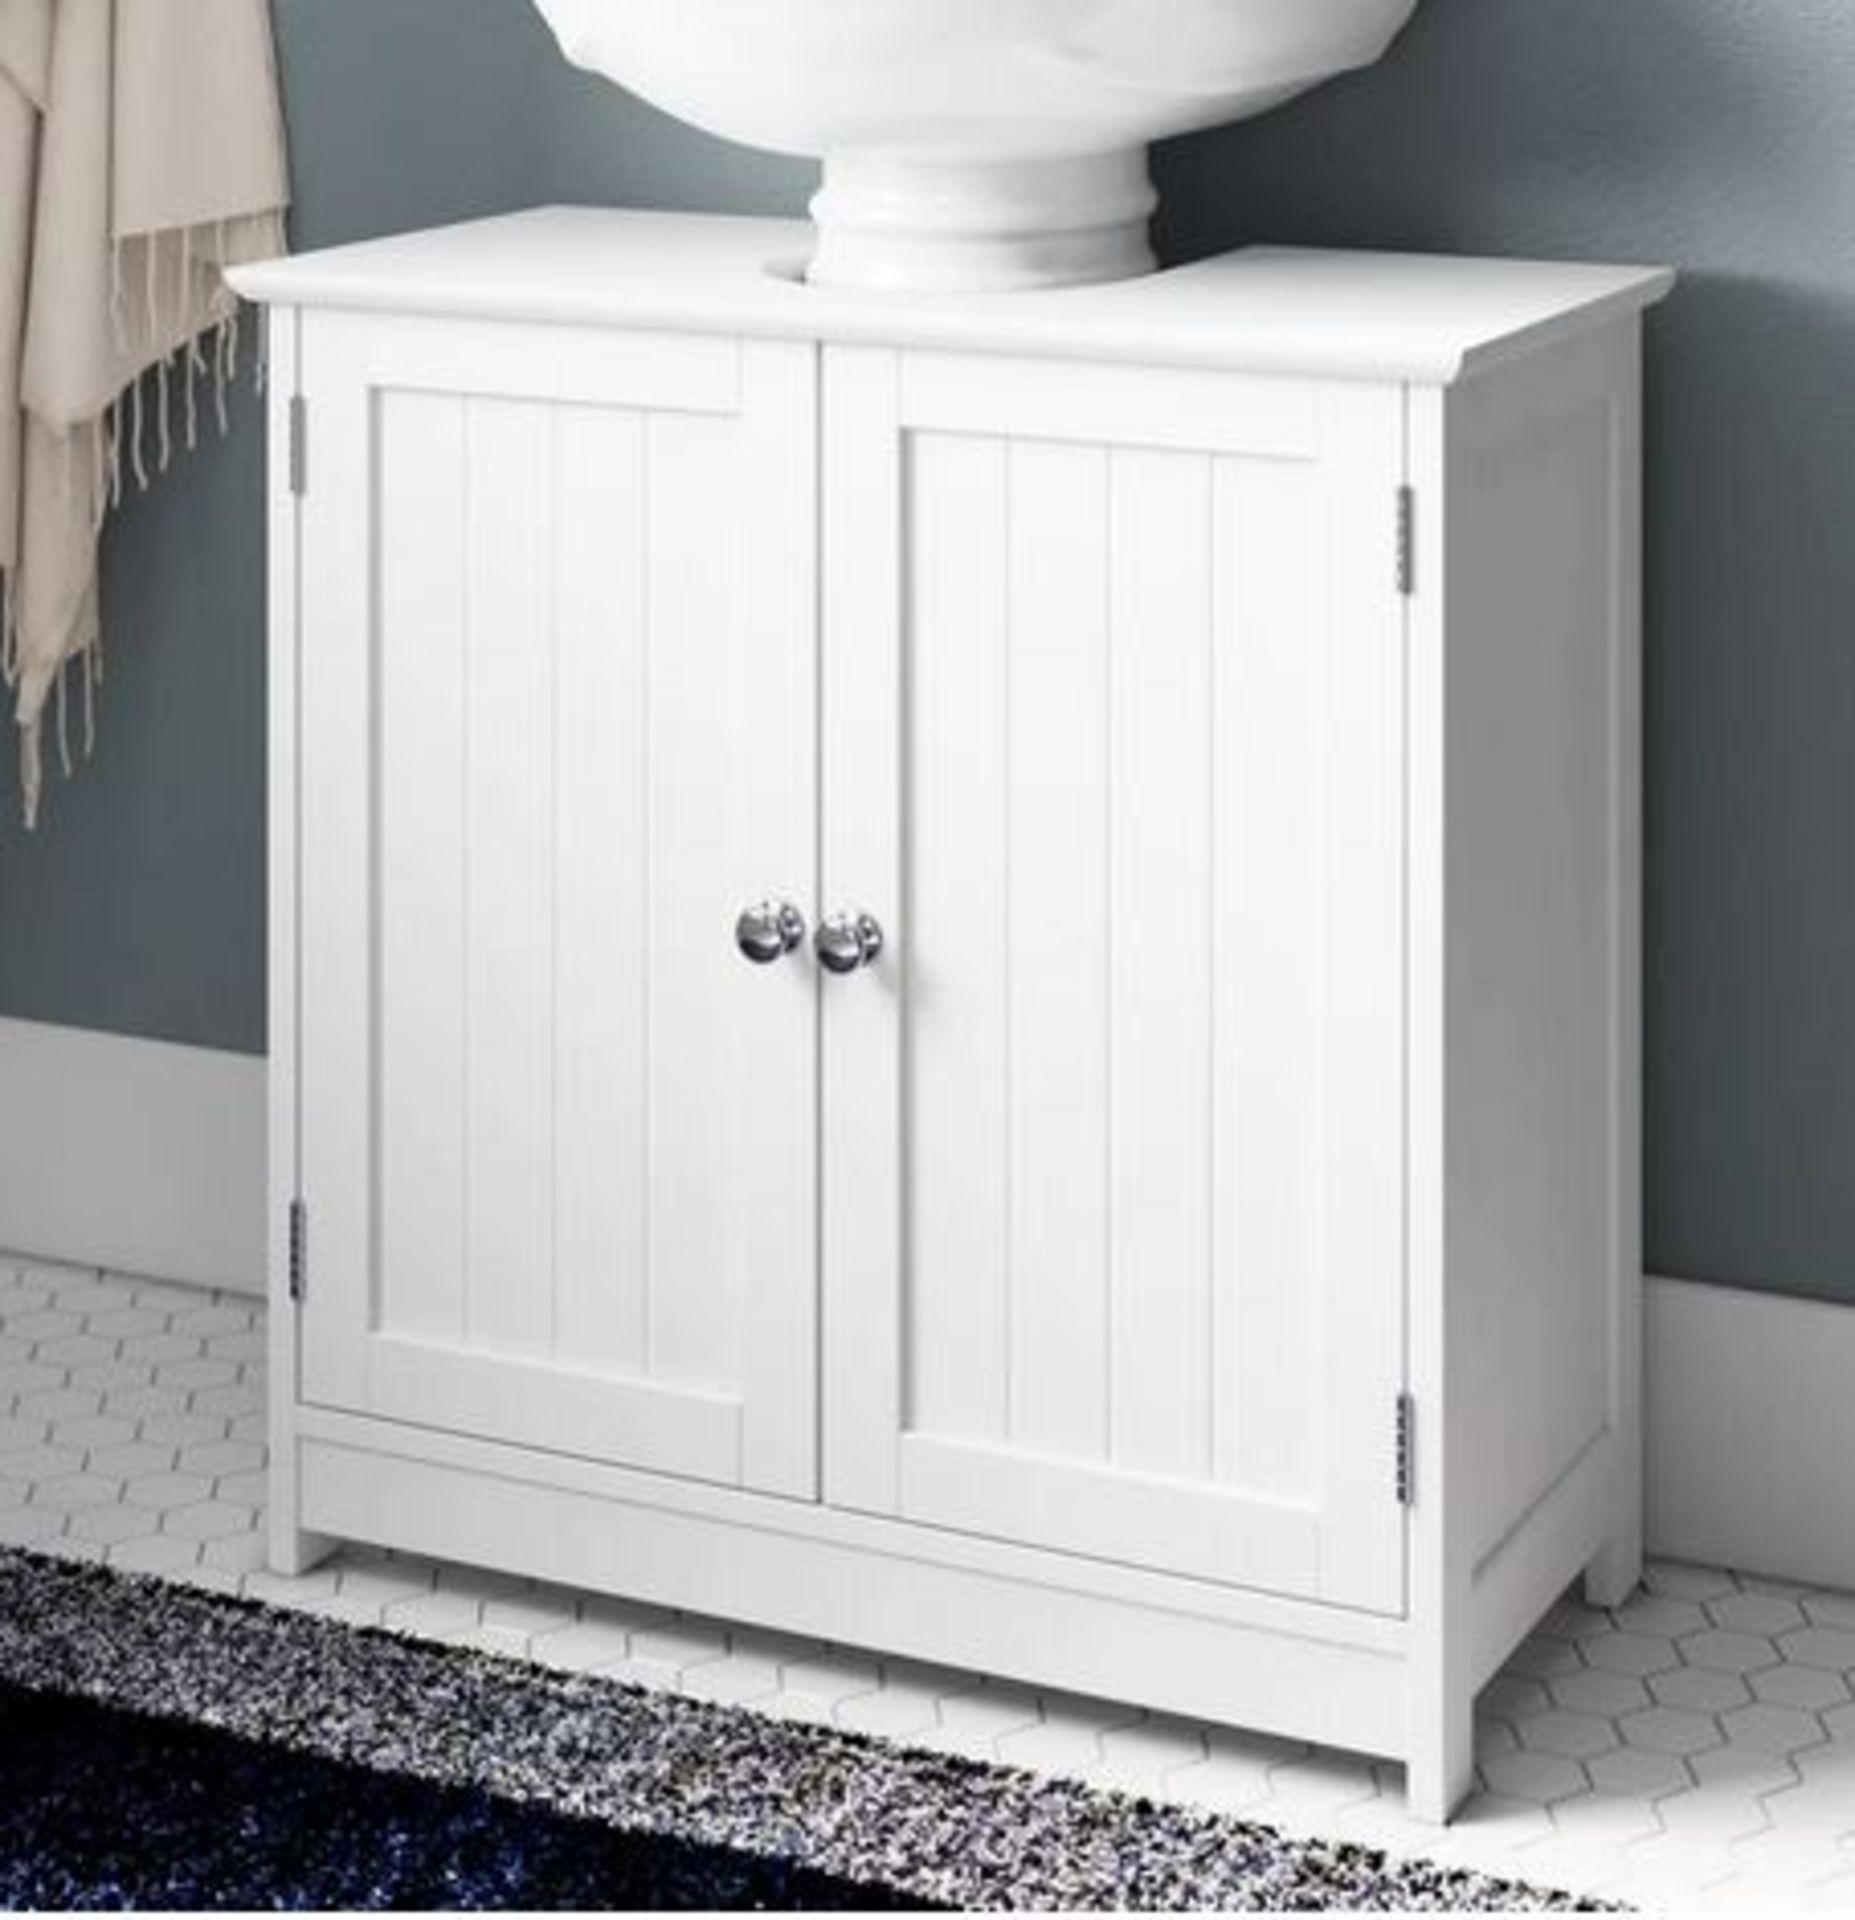 (P3) 1x White Classic Under Sink Double Unit. Paulownia Wood. White Painted Finish. 2 Doors, 1 Shel - Image 2 of 3